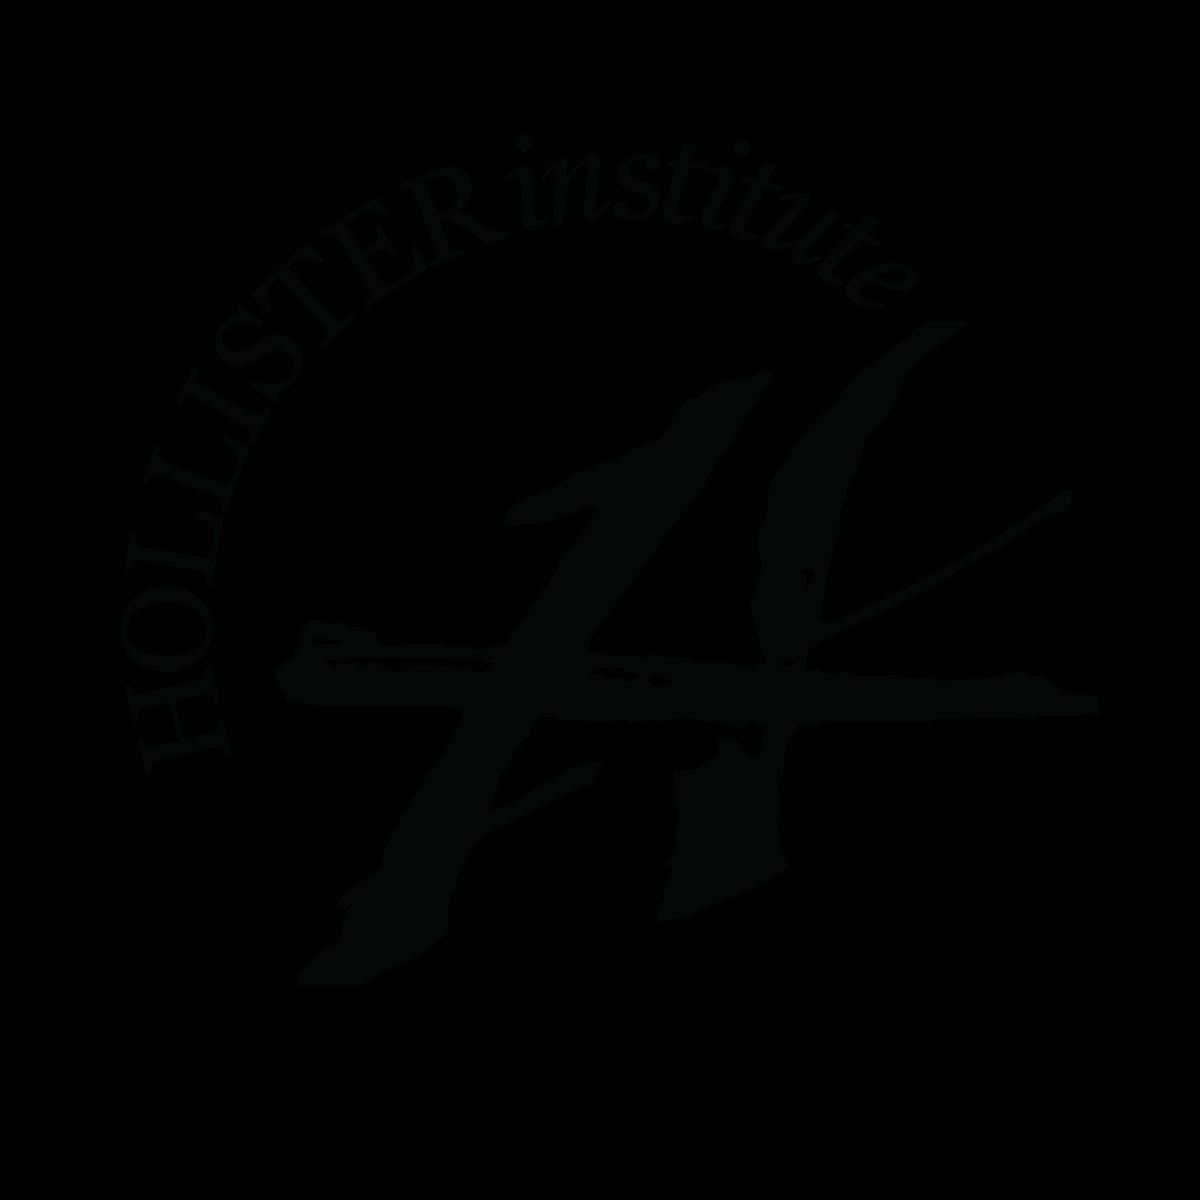 Hollister Institute